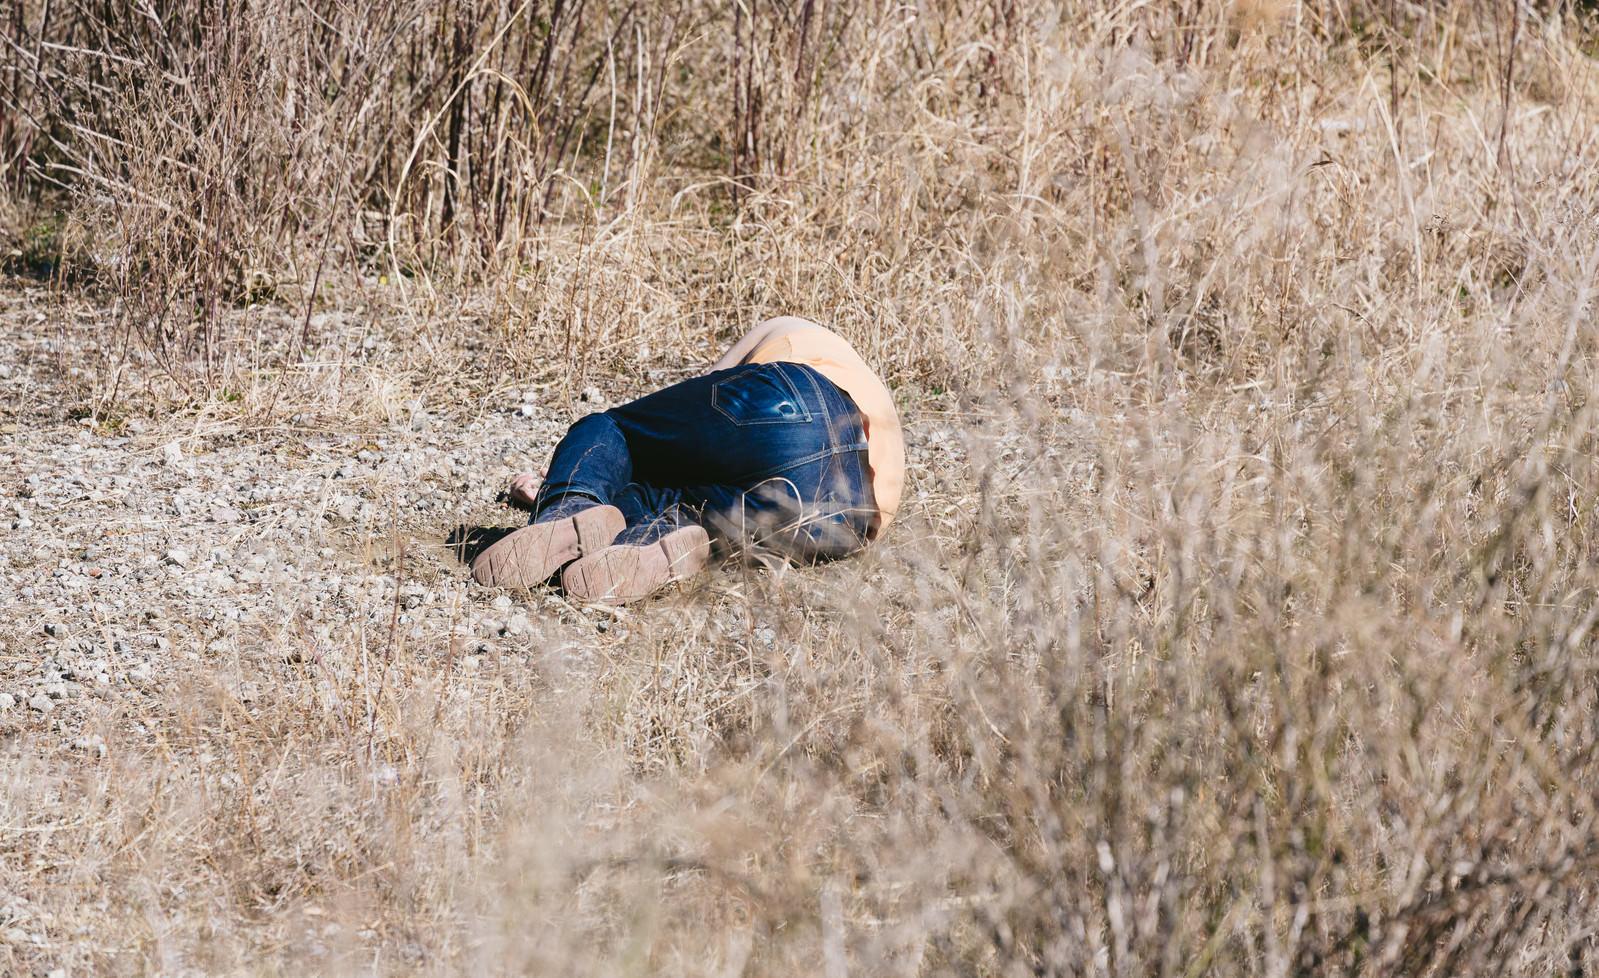 「自爆の被害にあった戦士」の写真[モデル:段田隼人]